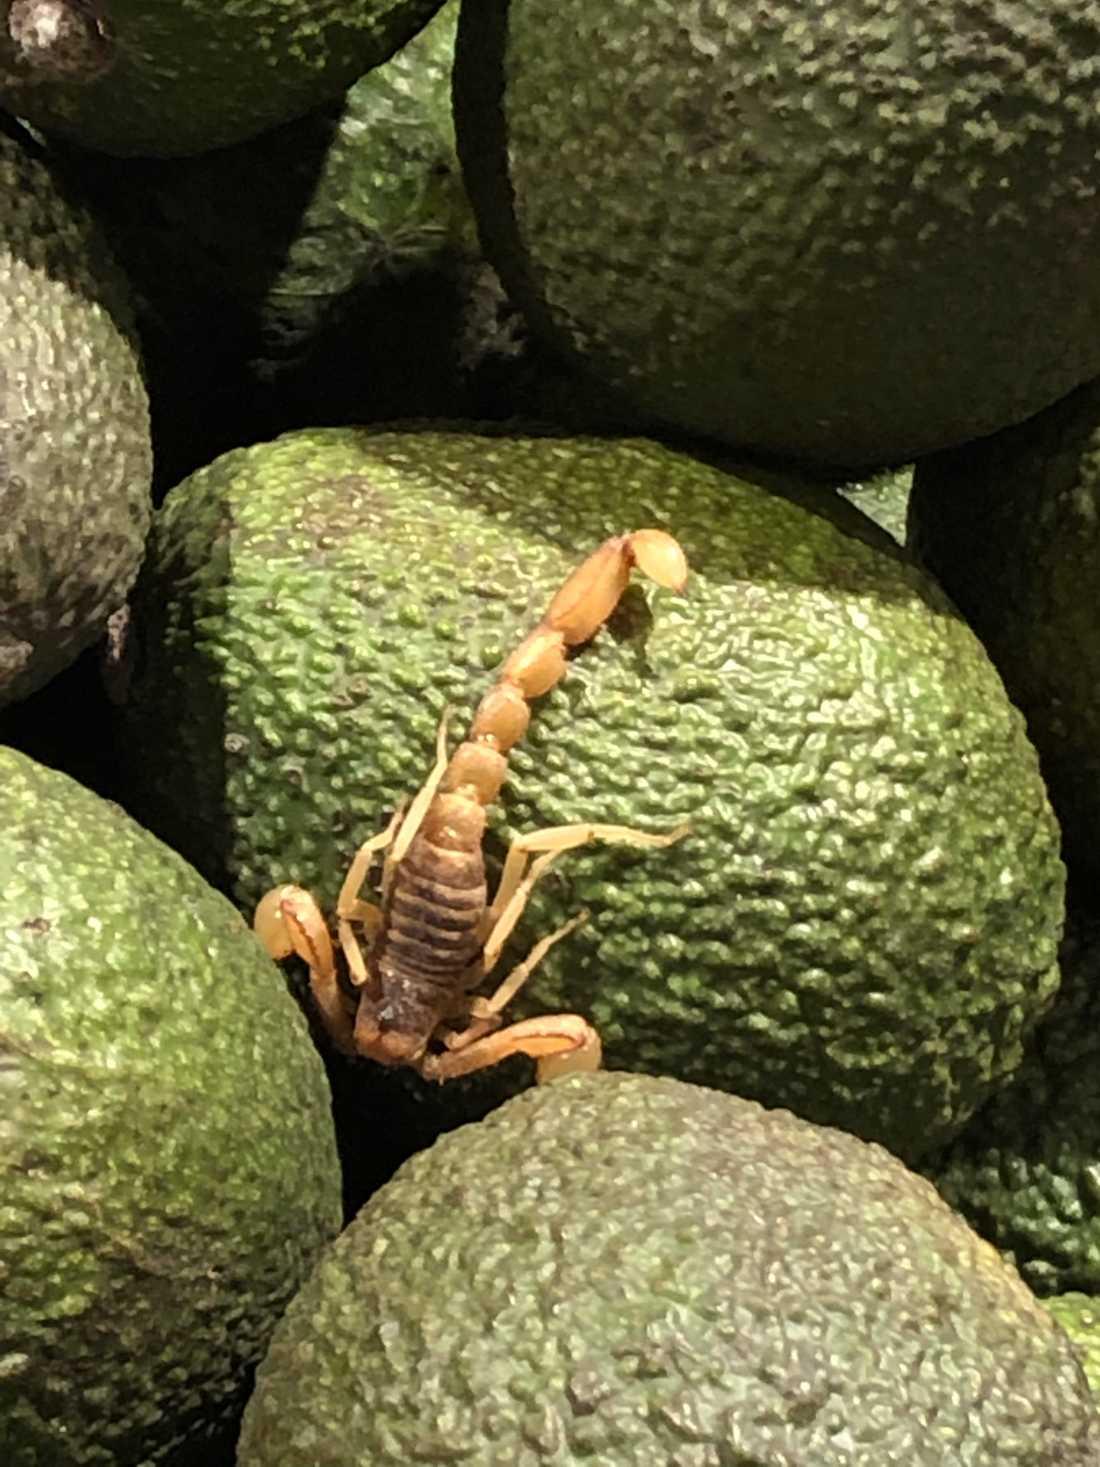 Mitt bland avokadorna låg en skorpion.